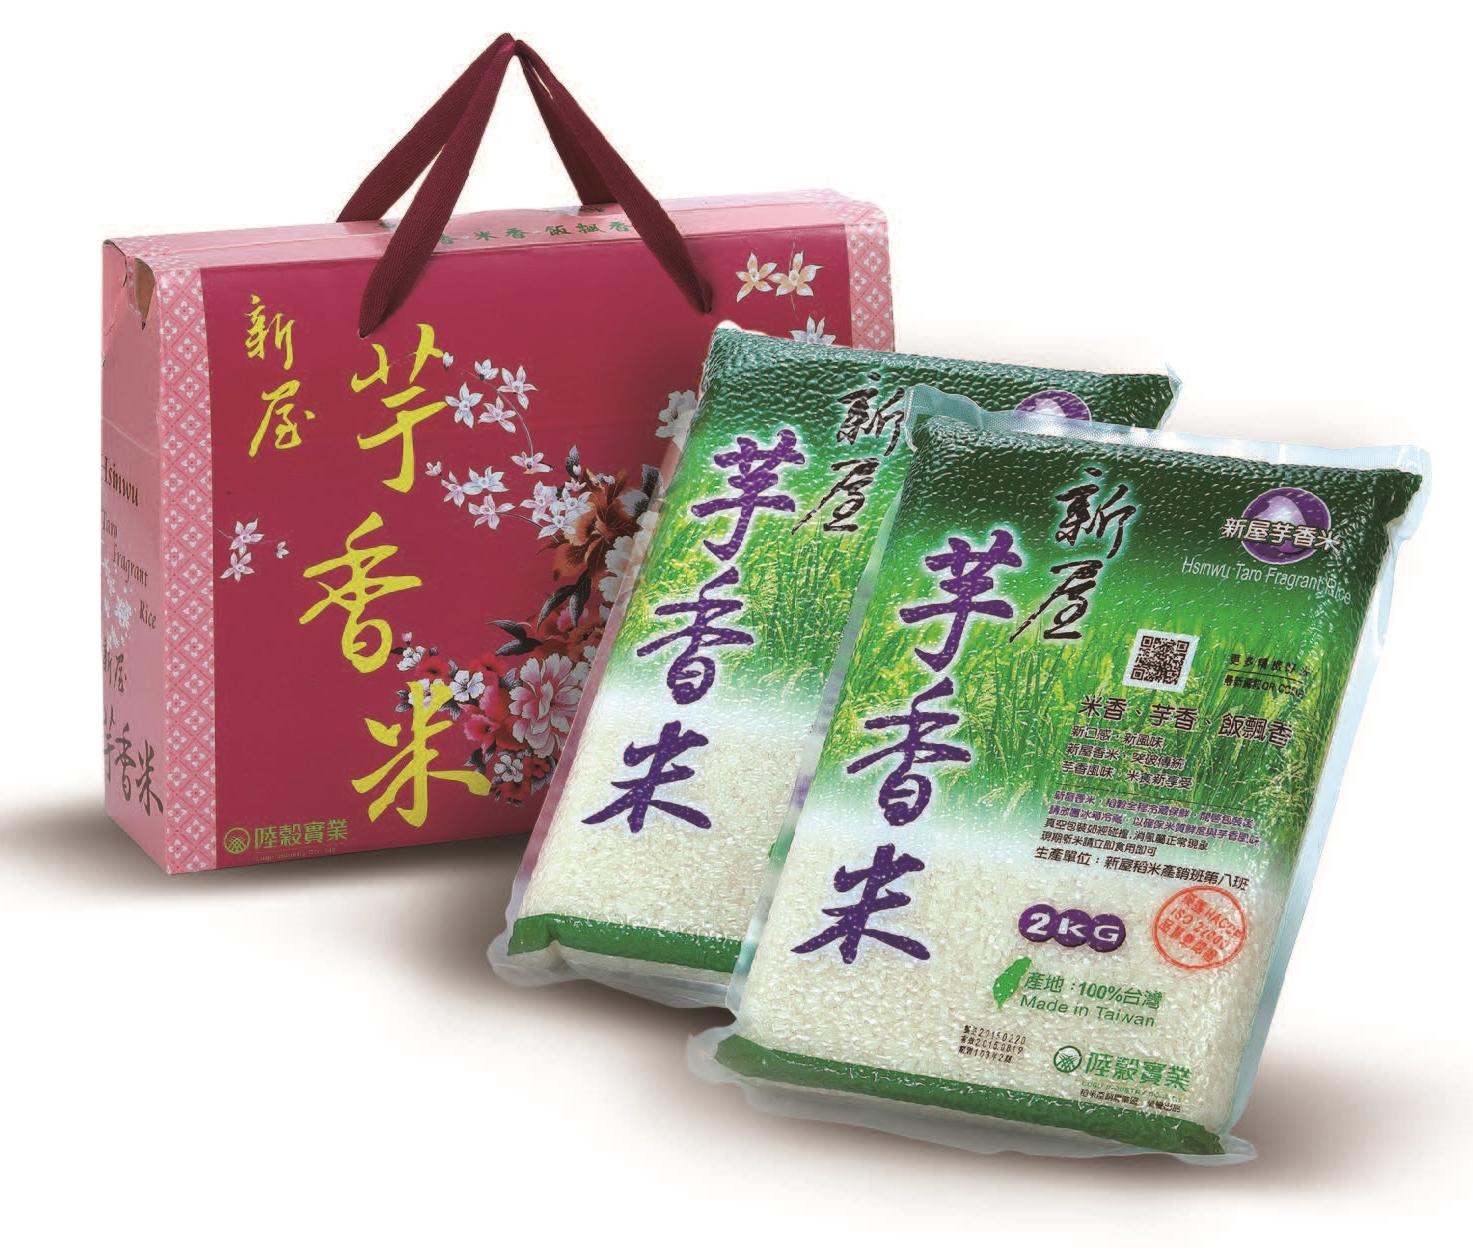 新屋區品牌米-芋香米照片